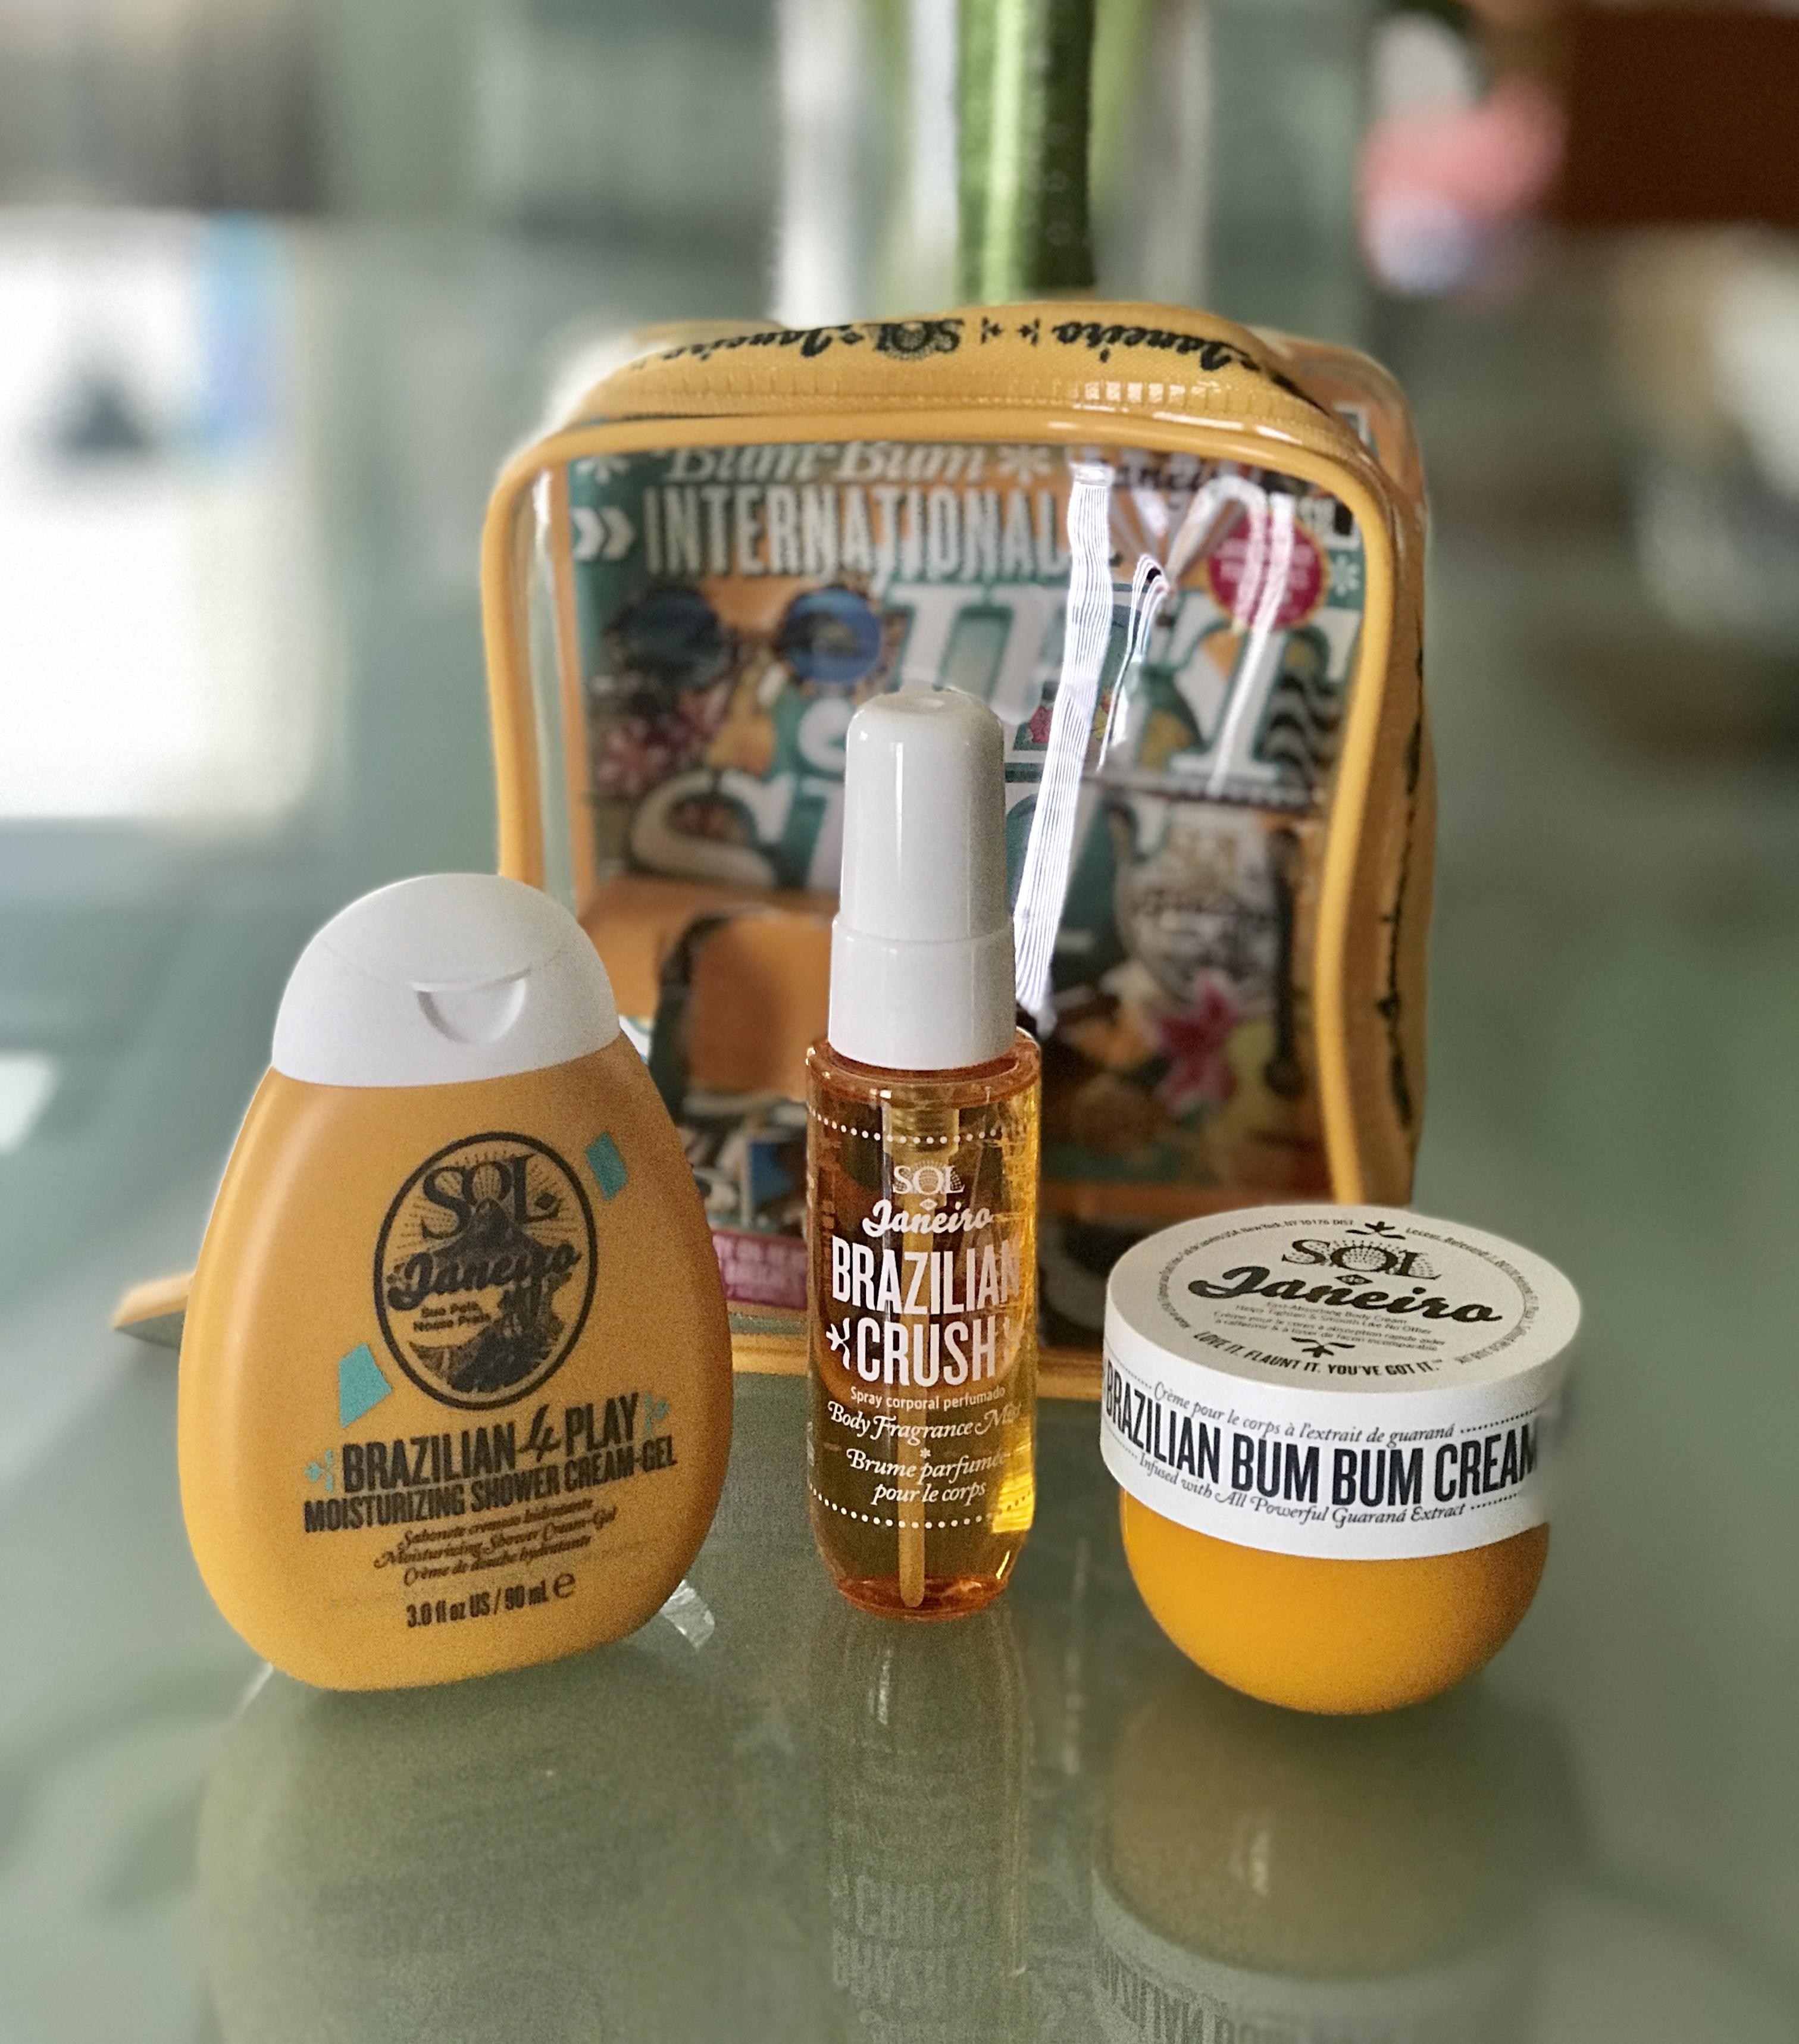 3 articles de taille voyage de l'ensemble de voyage Sol de Janeiro International Jet Set: gel douche, brume parfumée et crème Bum Bum, neversaydiebeauty.com